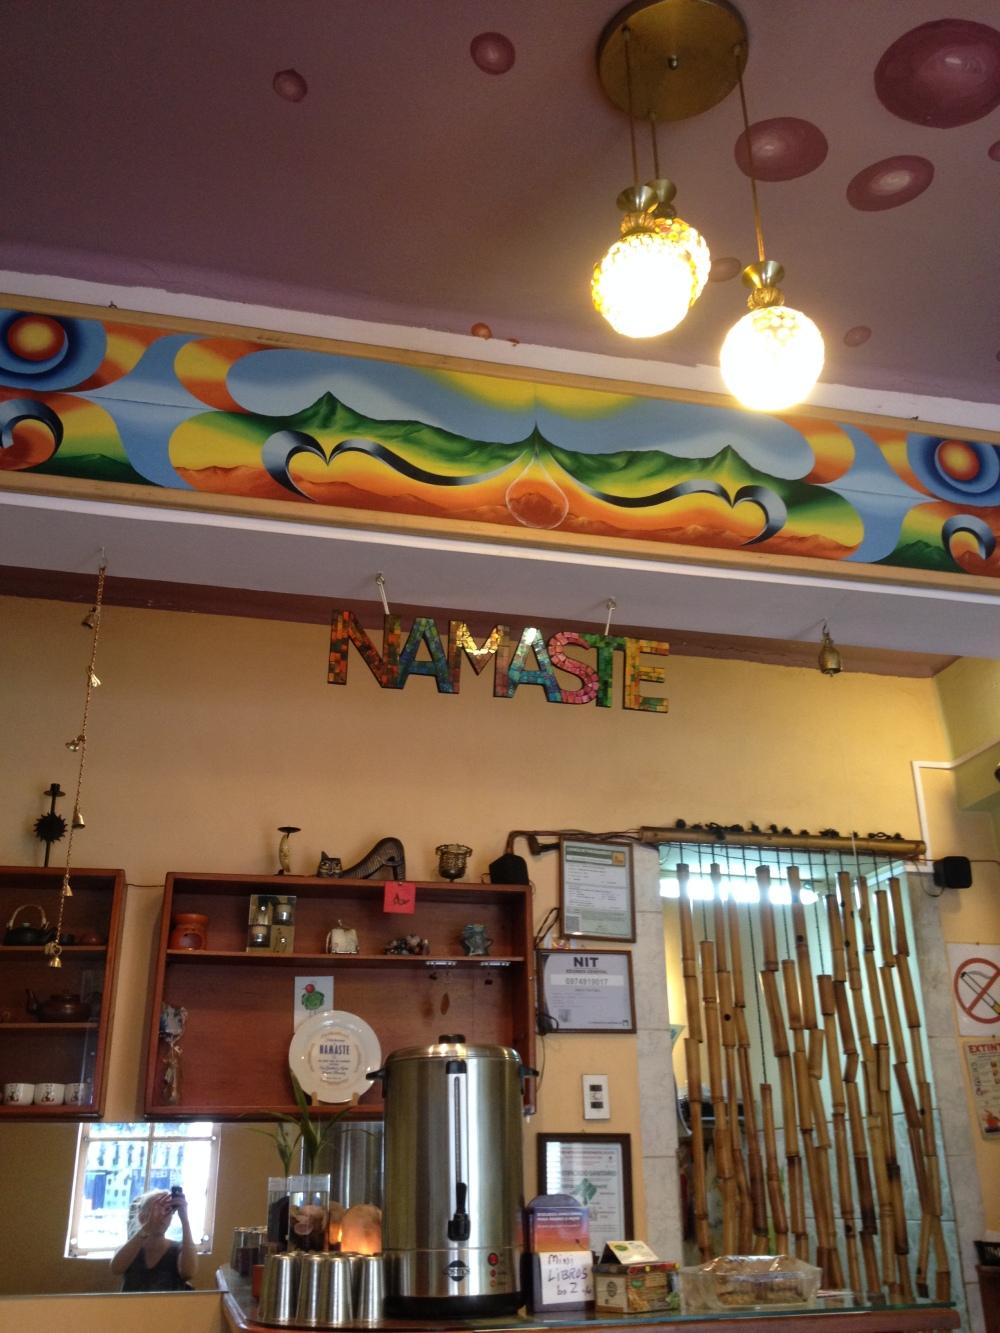 Restaurant in La Paz